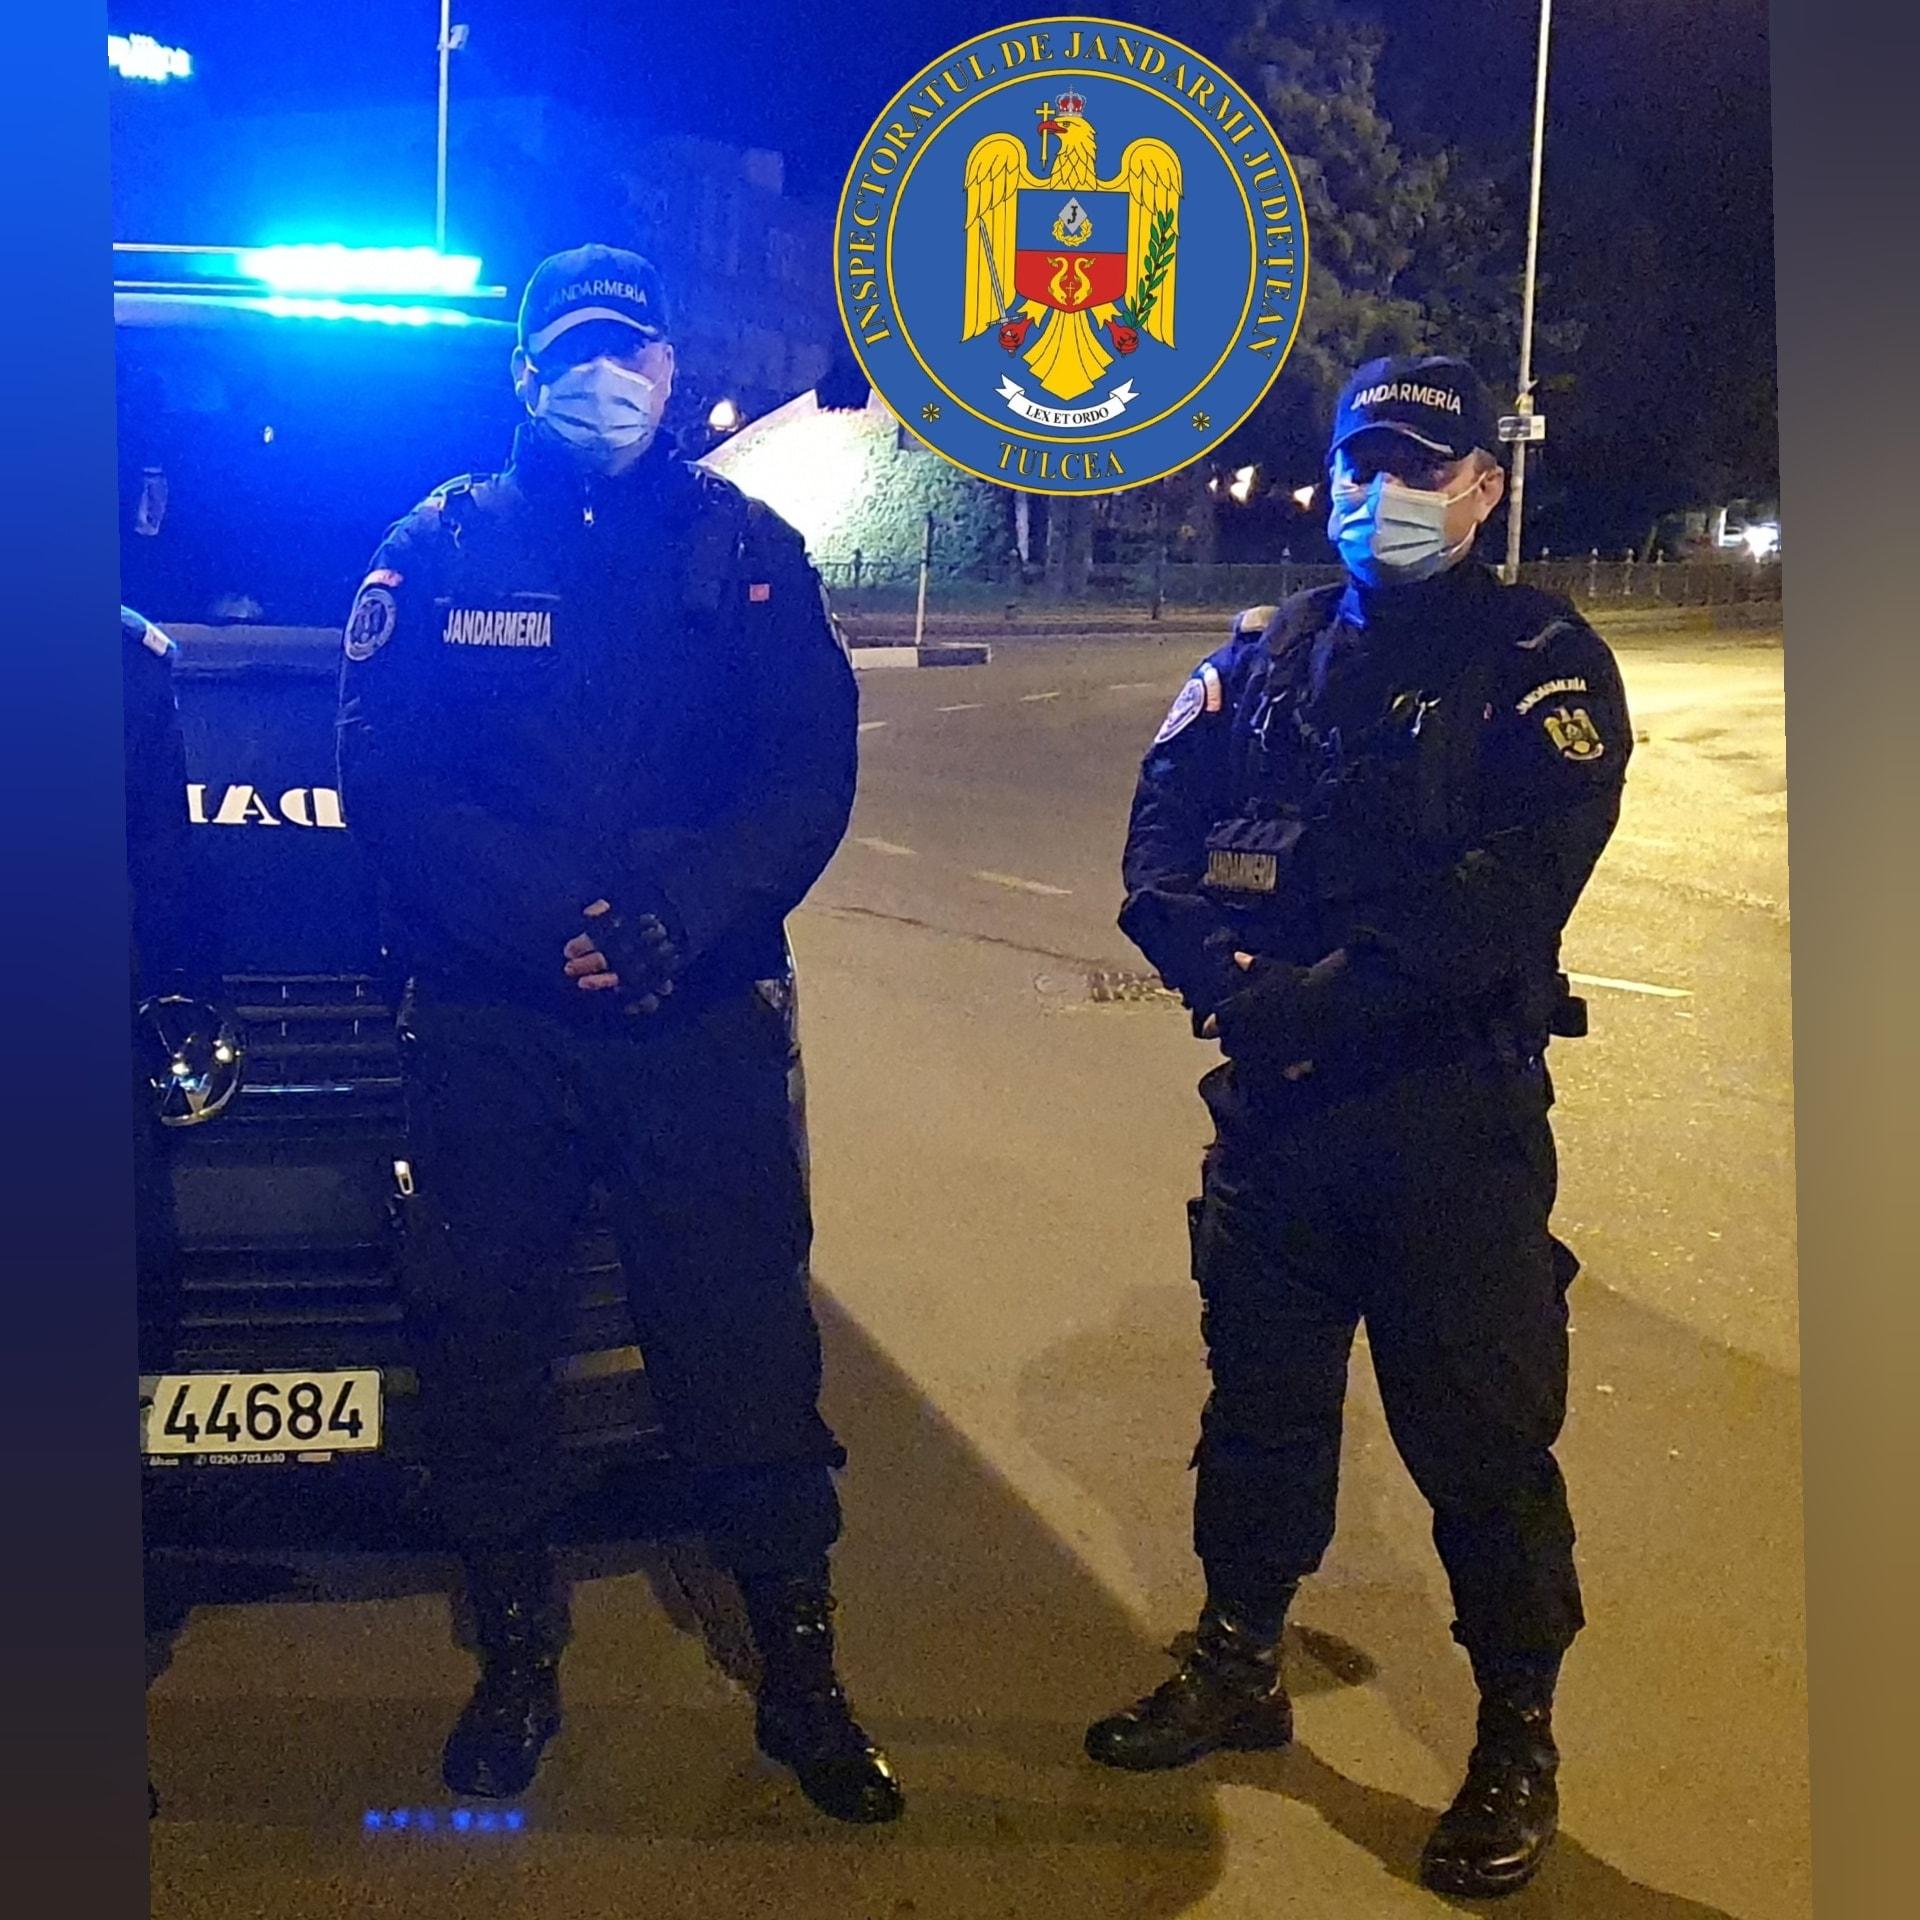 Un bărbat a încălcat #ordinul_de_protecţie provizoriu împotriva sa, pătrunzând, fără drept, în curtea imobilului mamei sale